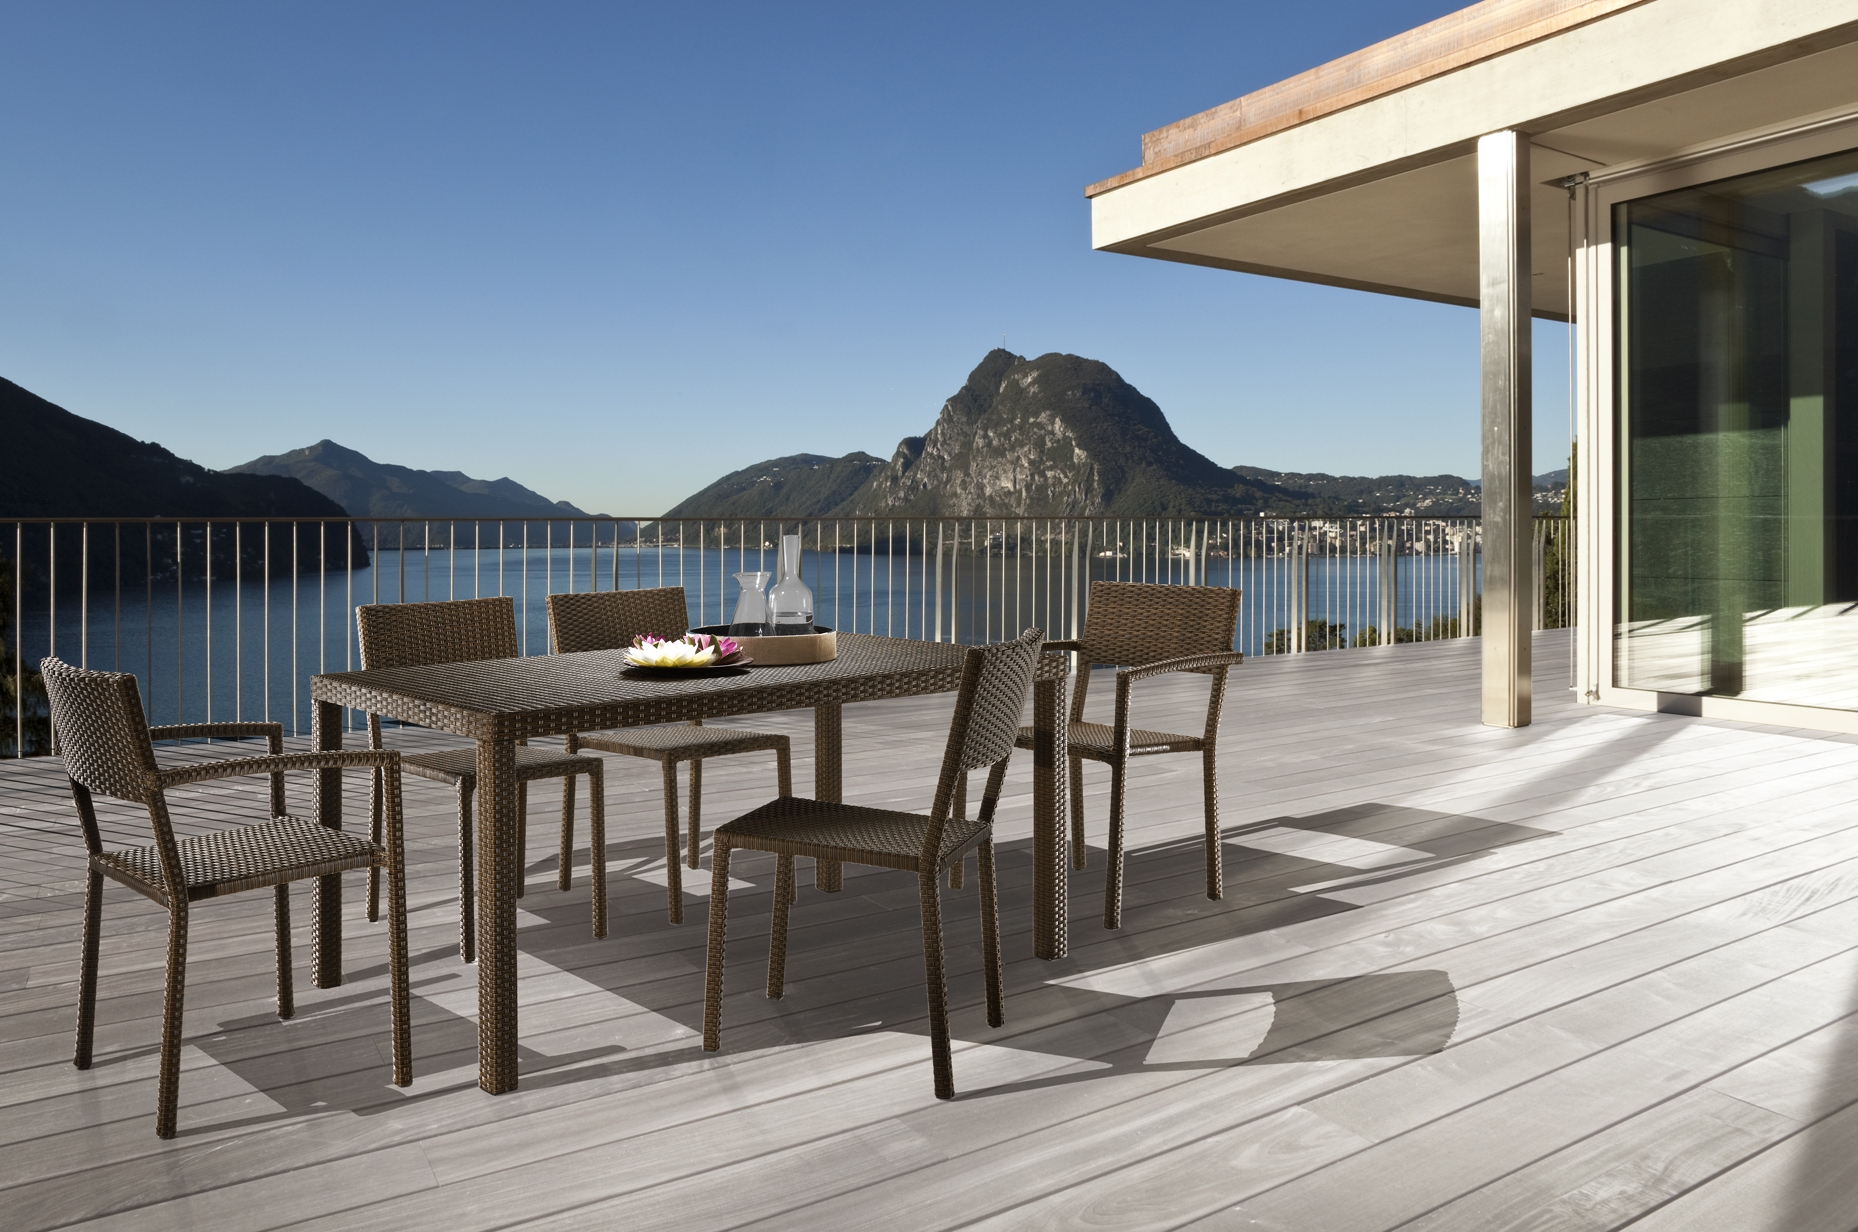 Outlet mobili da giardino torino idee creative e for Outlet casa